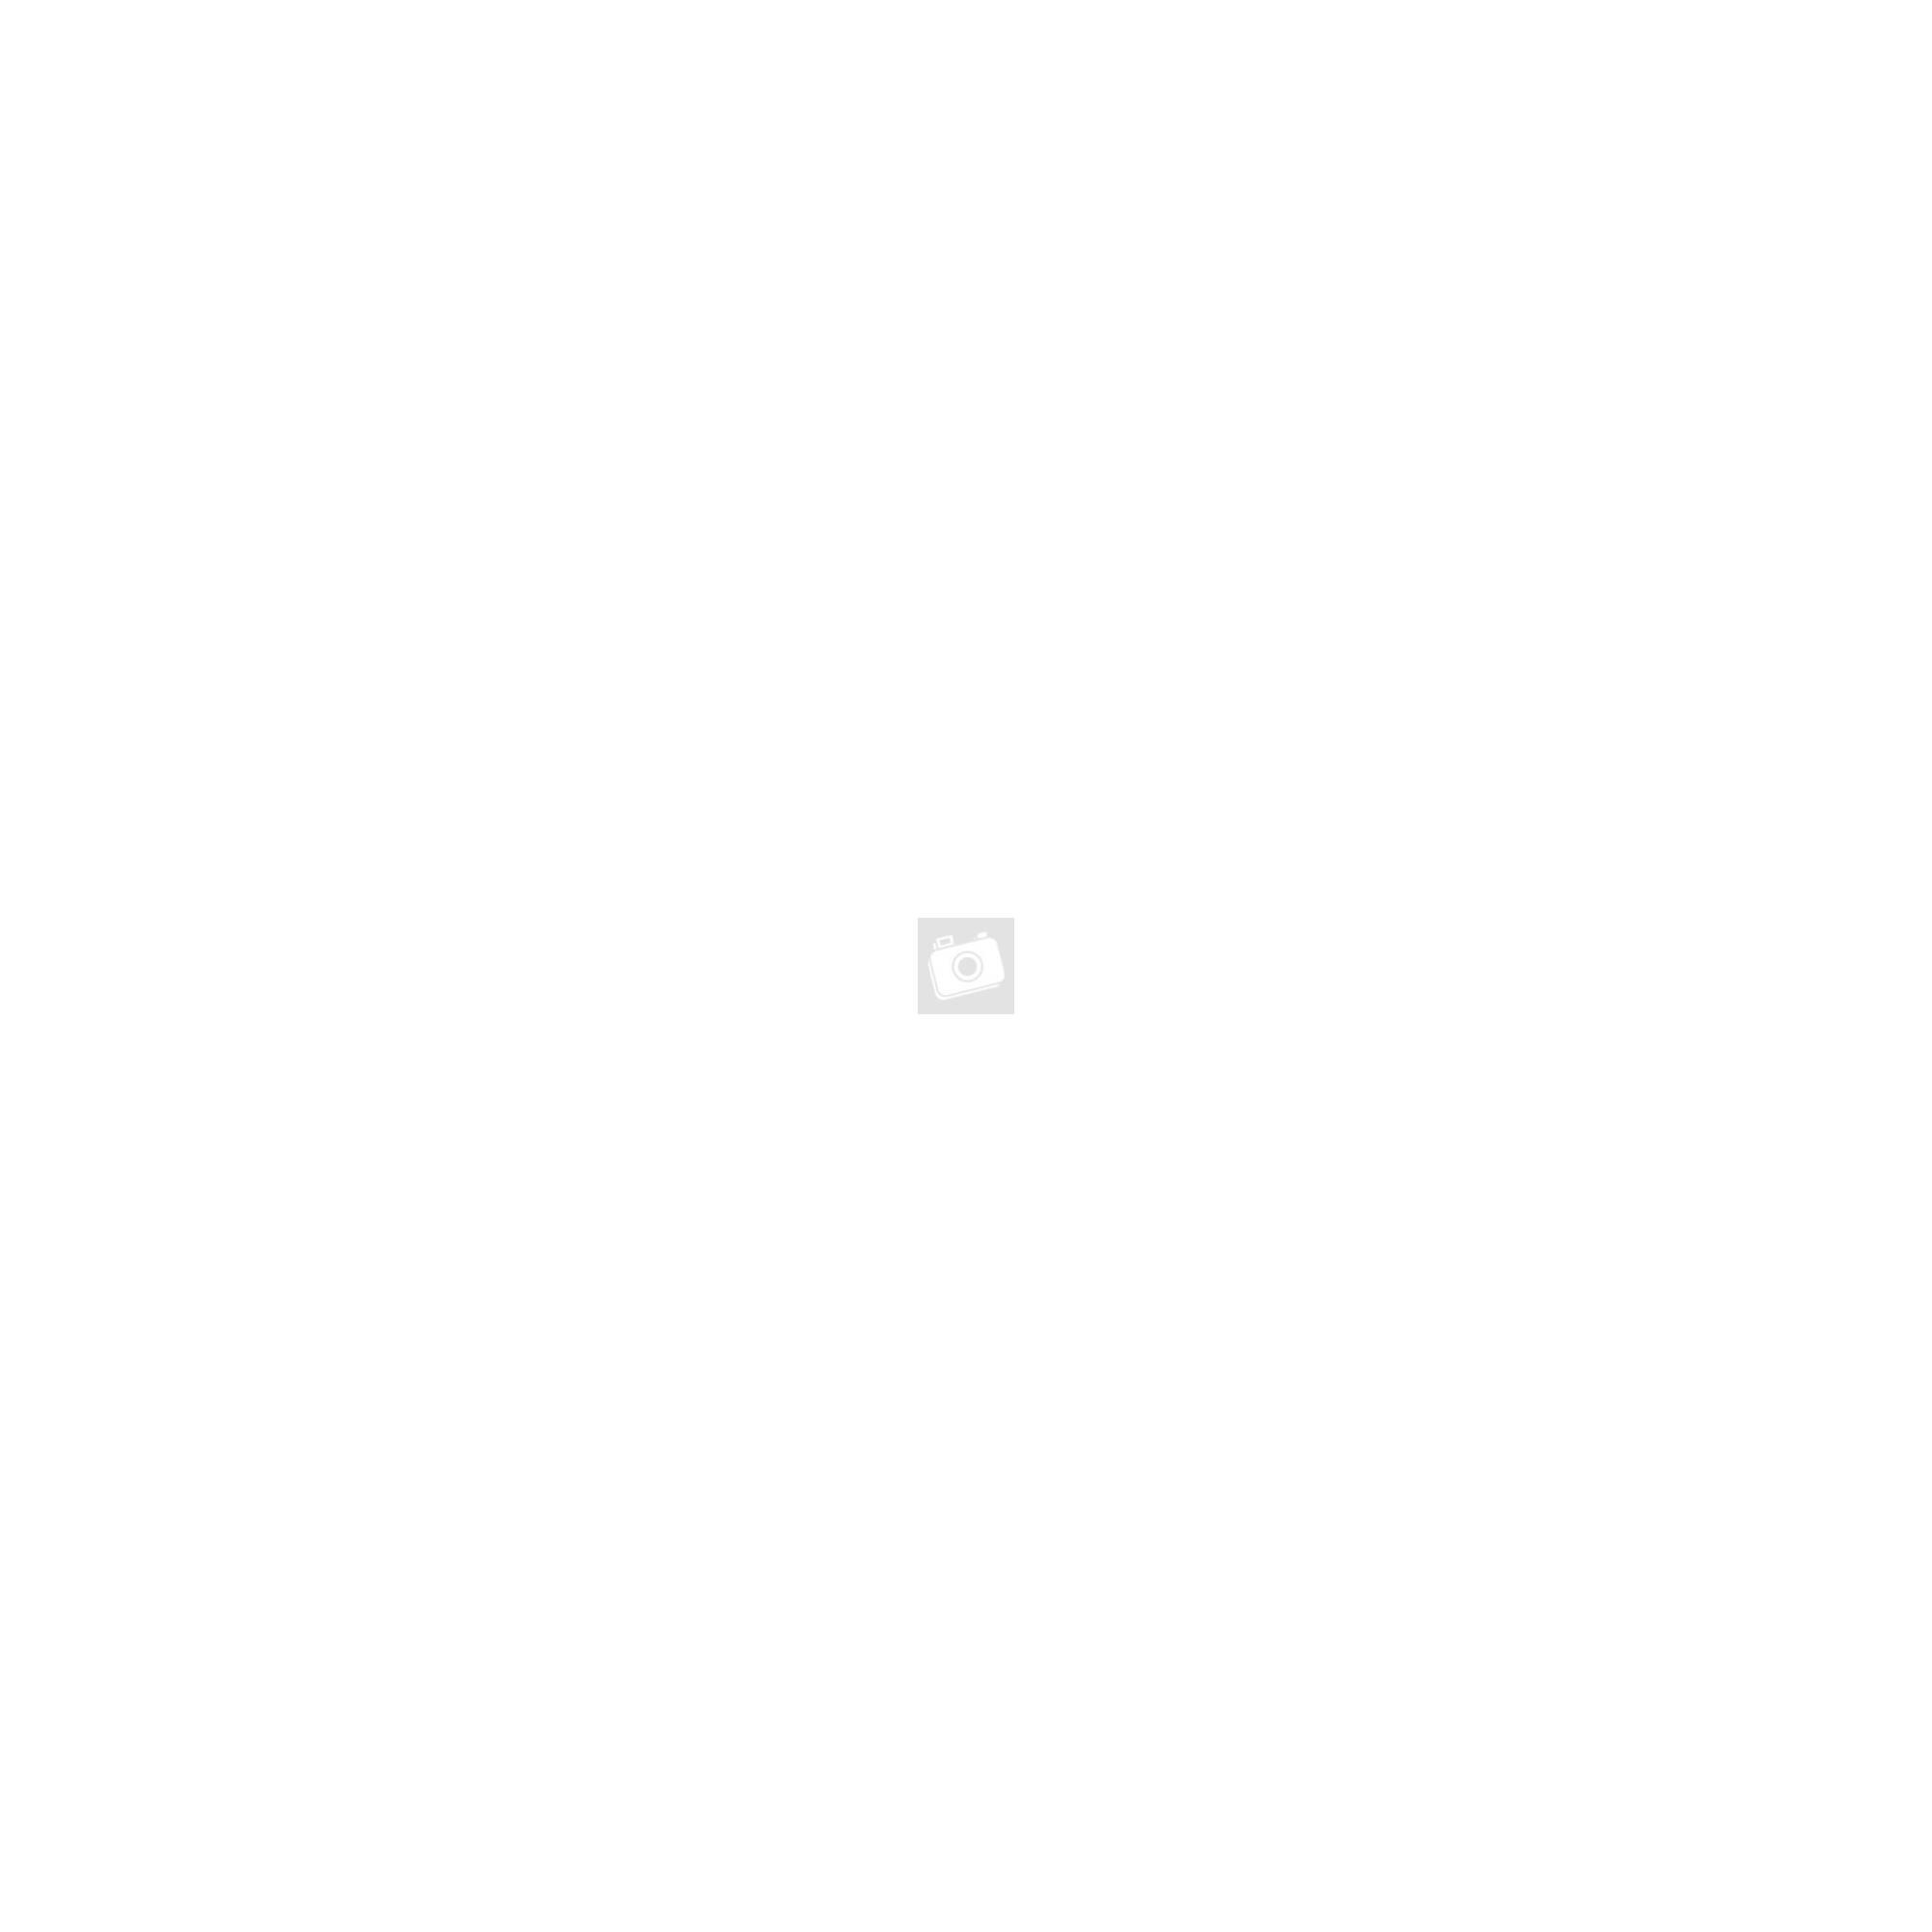 CIPO AND BAXX - NEWYORK BLACK - Férfi Átmeneti kabát - Prémium kategória 276e9a980a